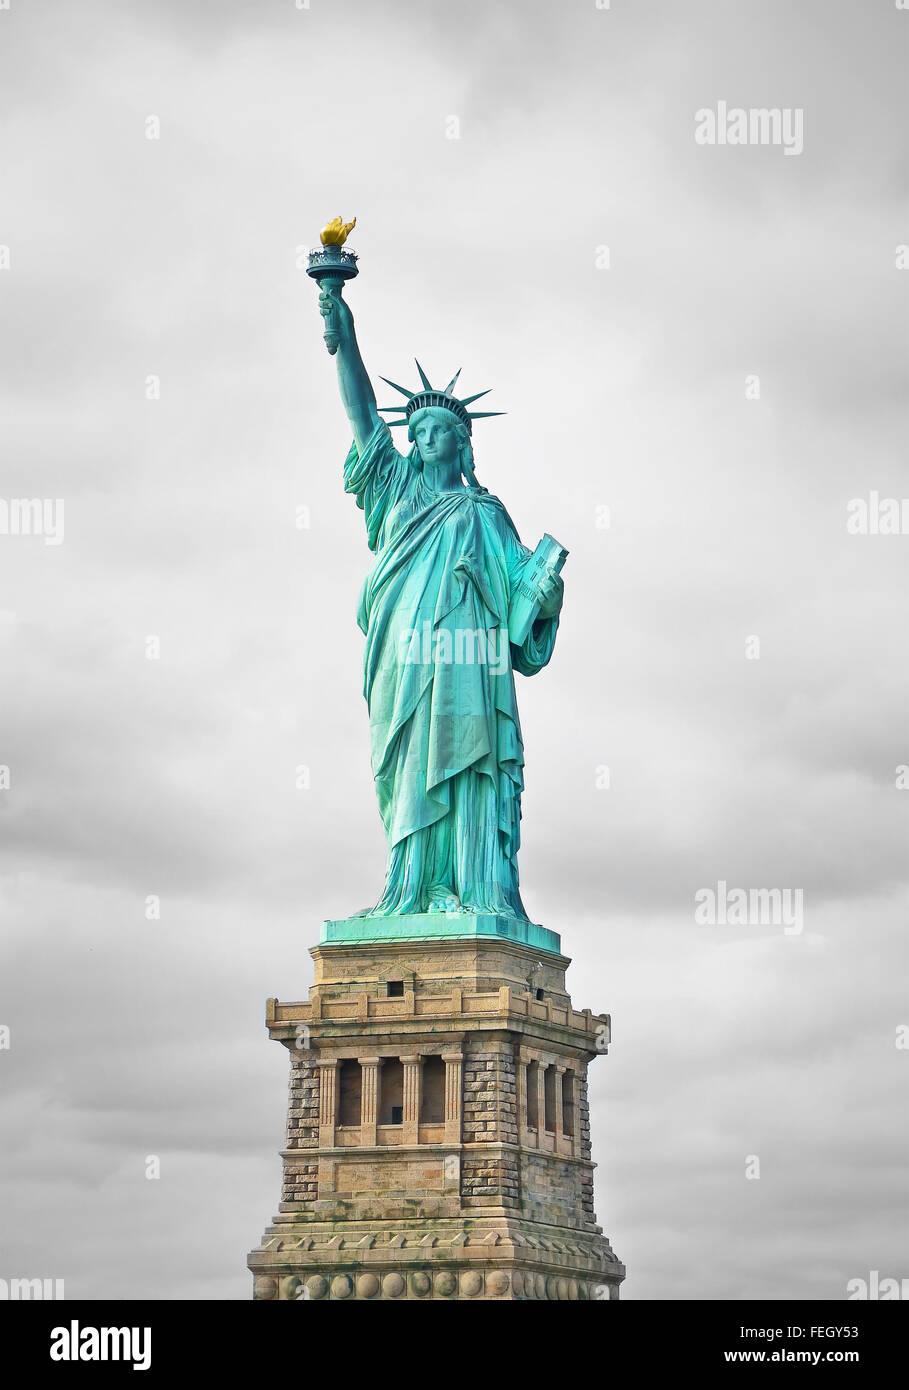 La statua della libertà di new york city Foto Stock